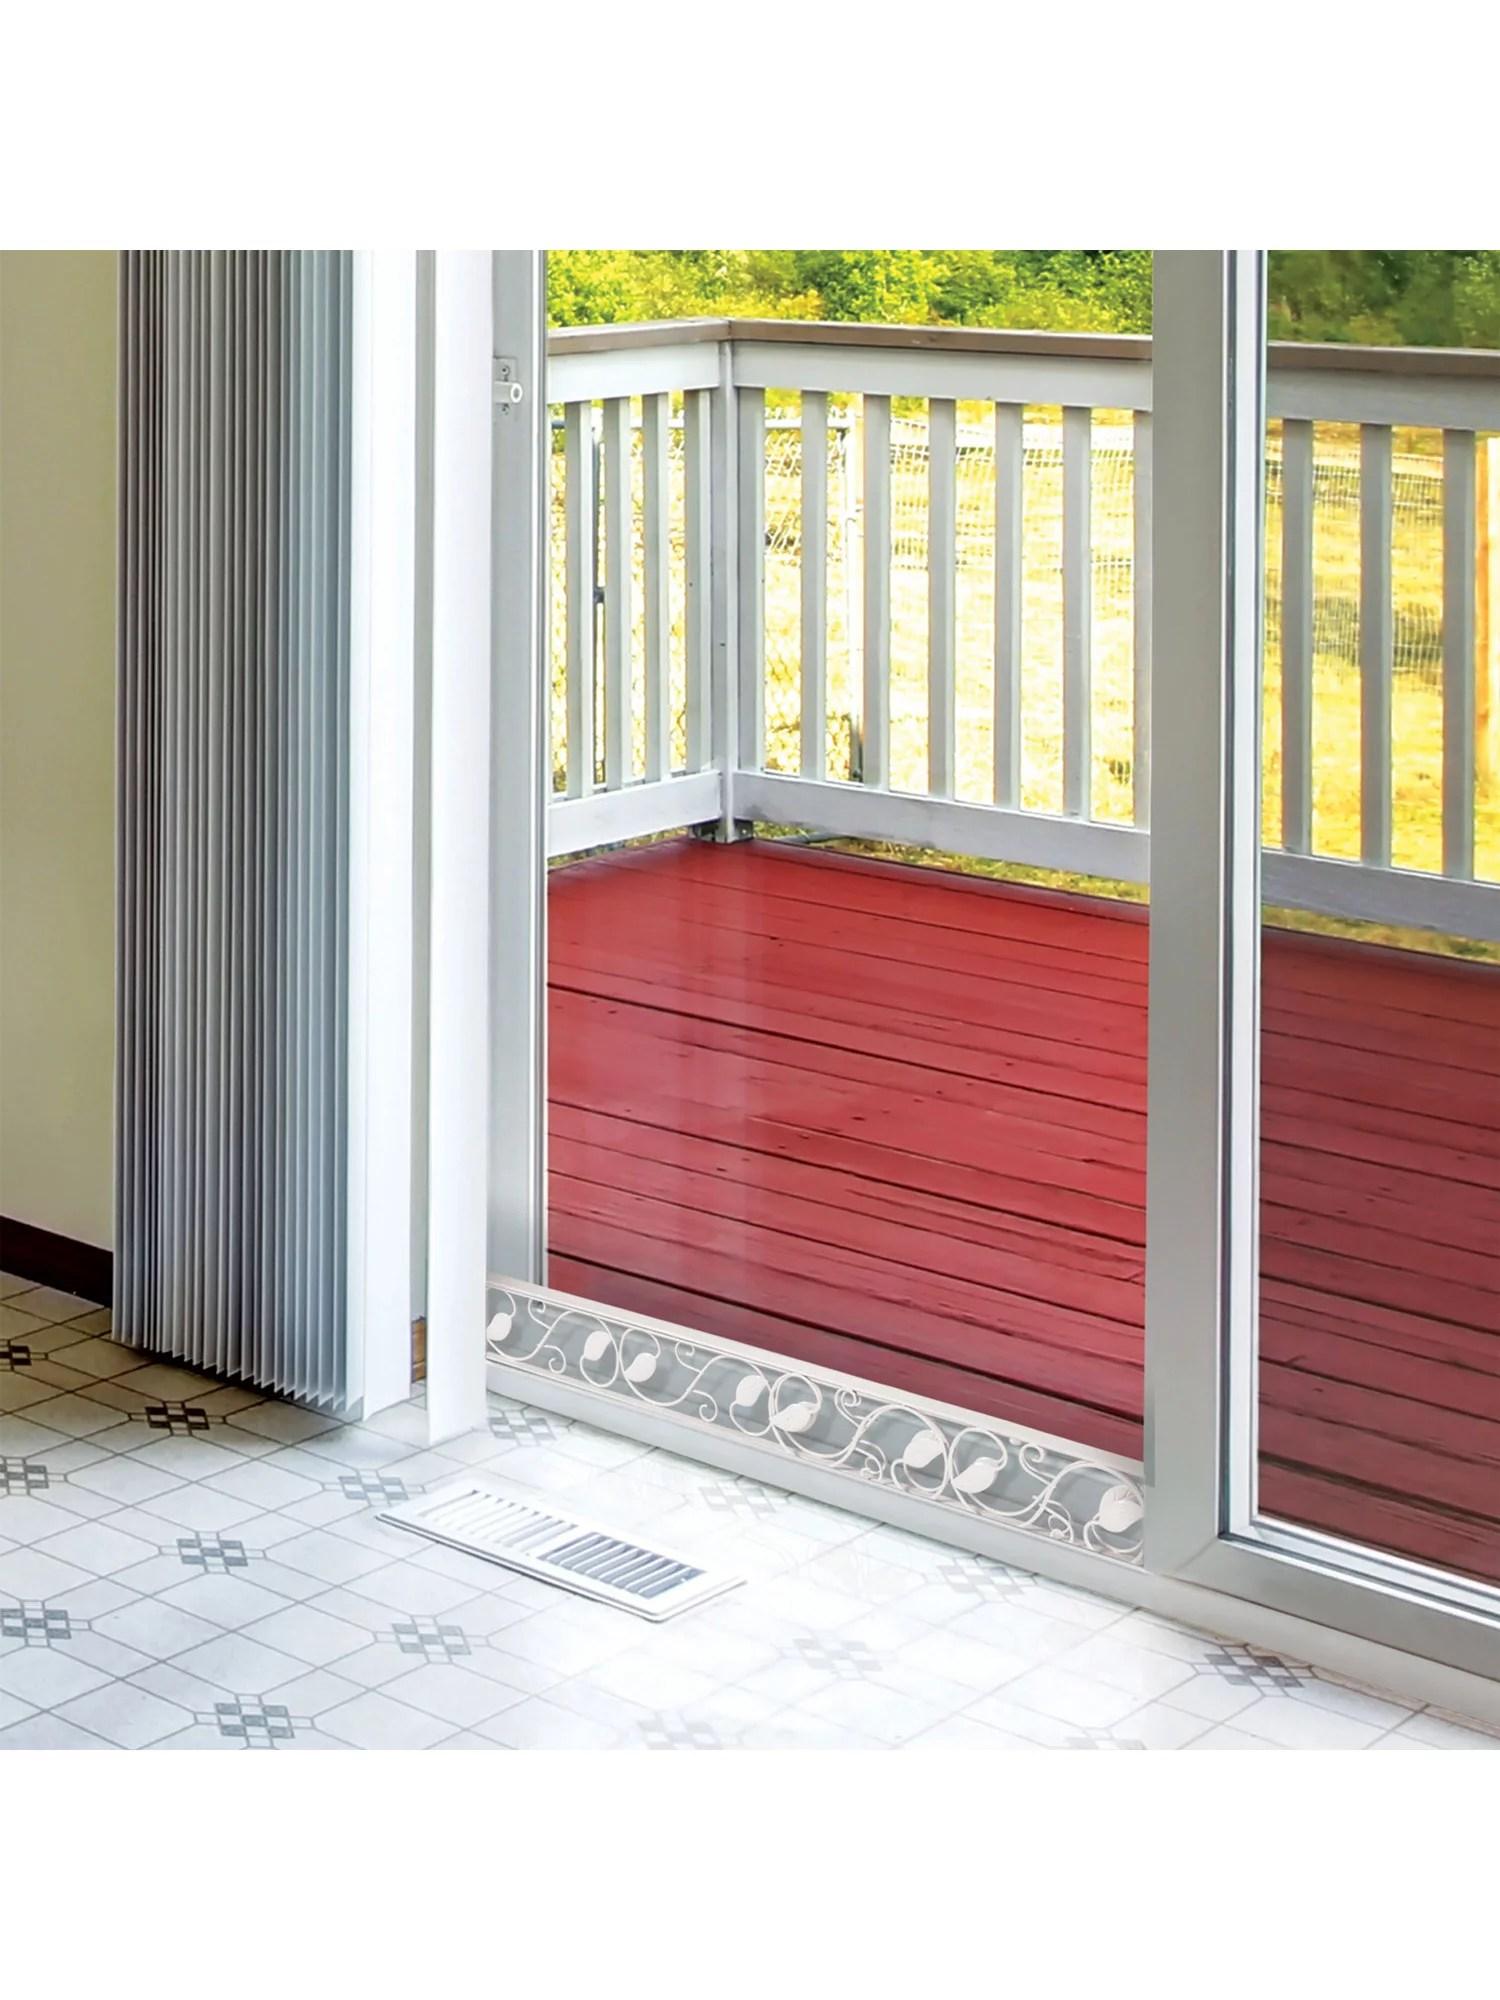 u s patrol sliding door security bar decorative adjustable glass patio door jammer door stopper blocker fits in track to prevent opening